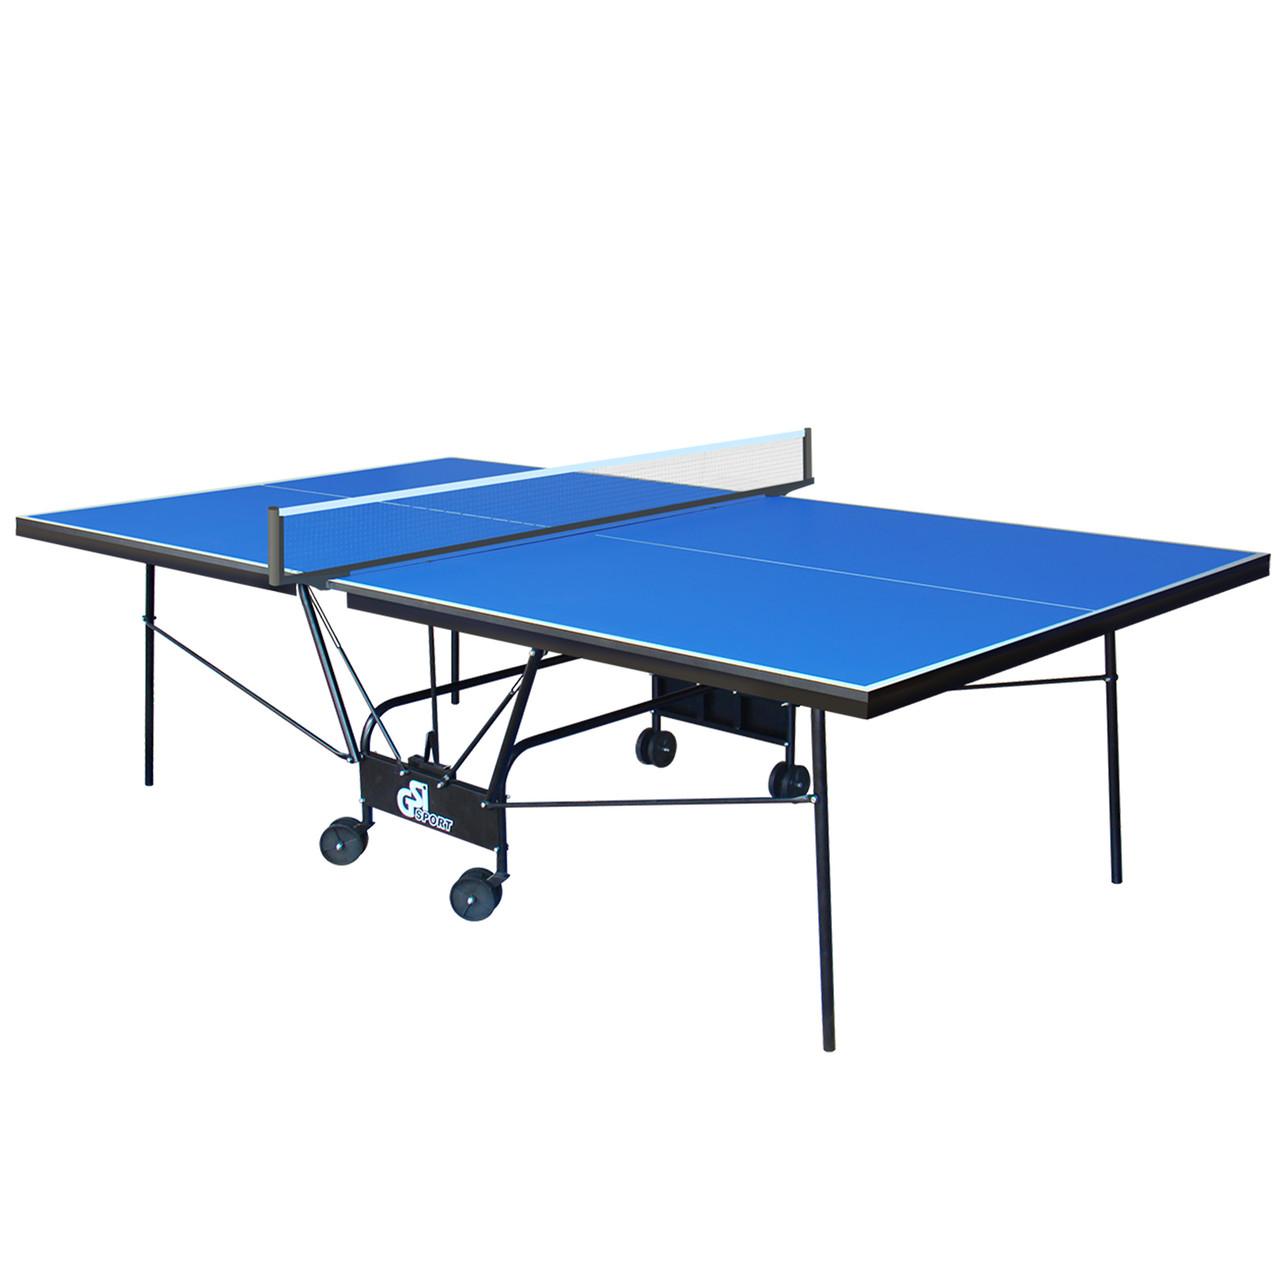 Стол теннисный GSI-Sport MT-0933 (Gk-6) (складной, ДСП толщина 18мм, металлический профиль 30х20мм, размер